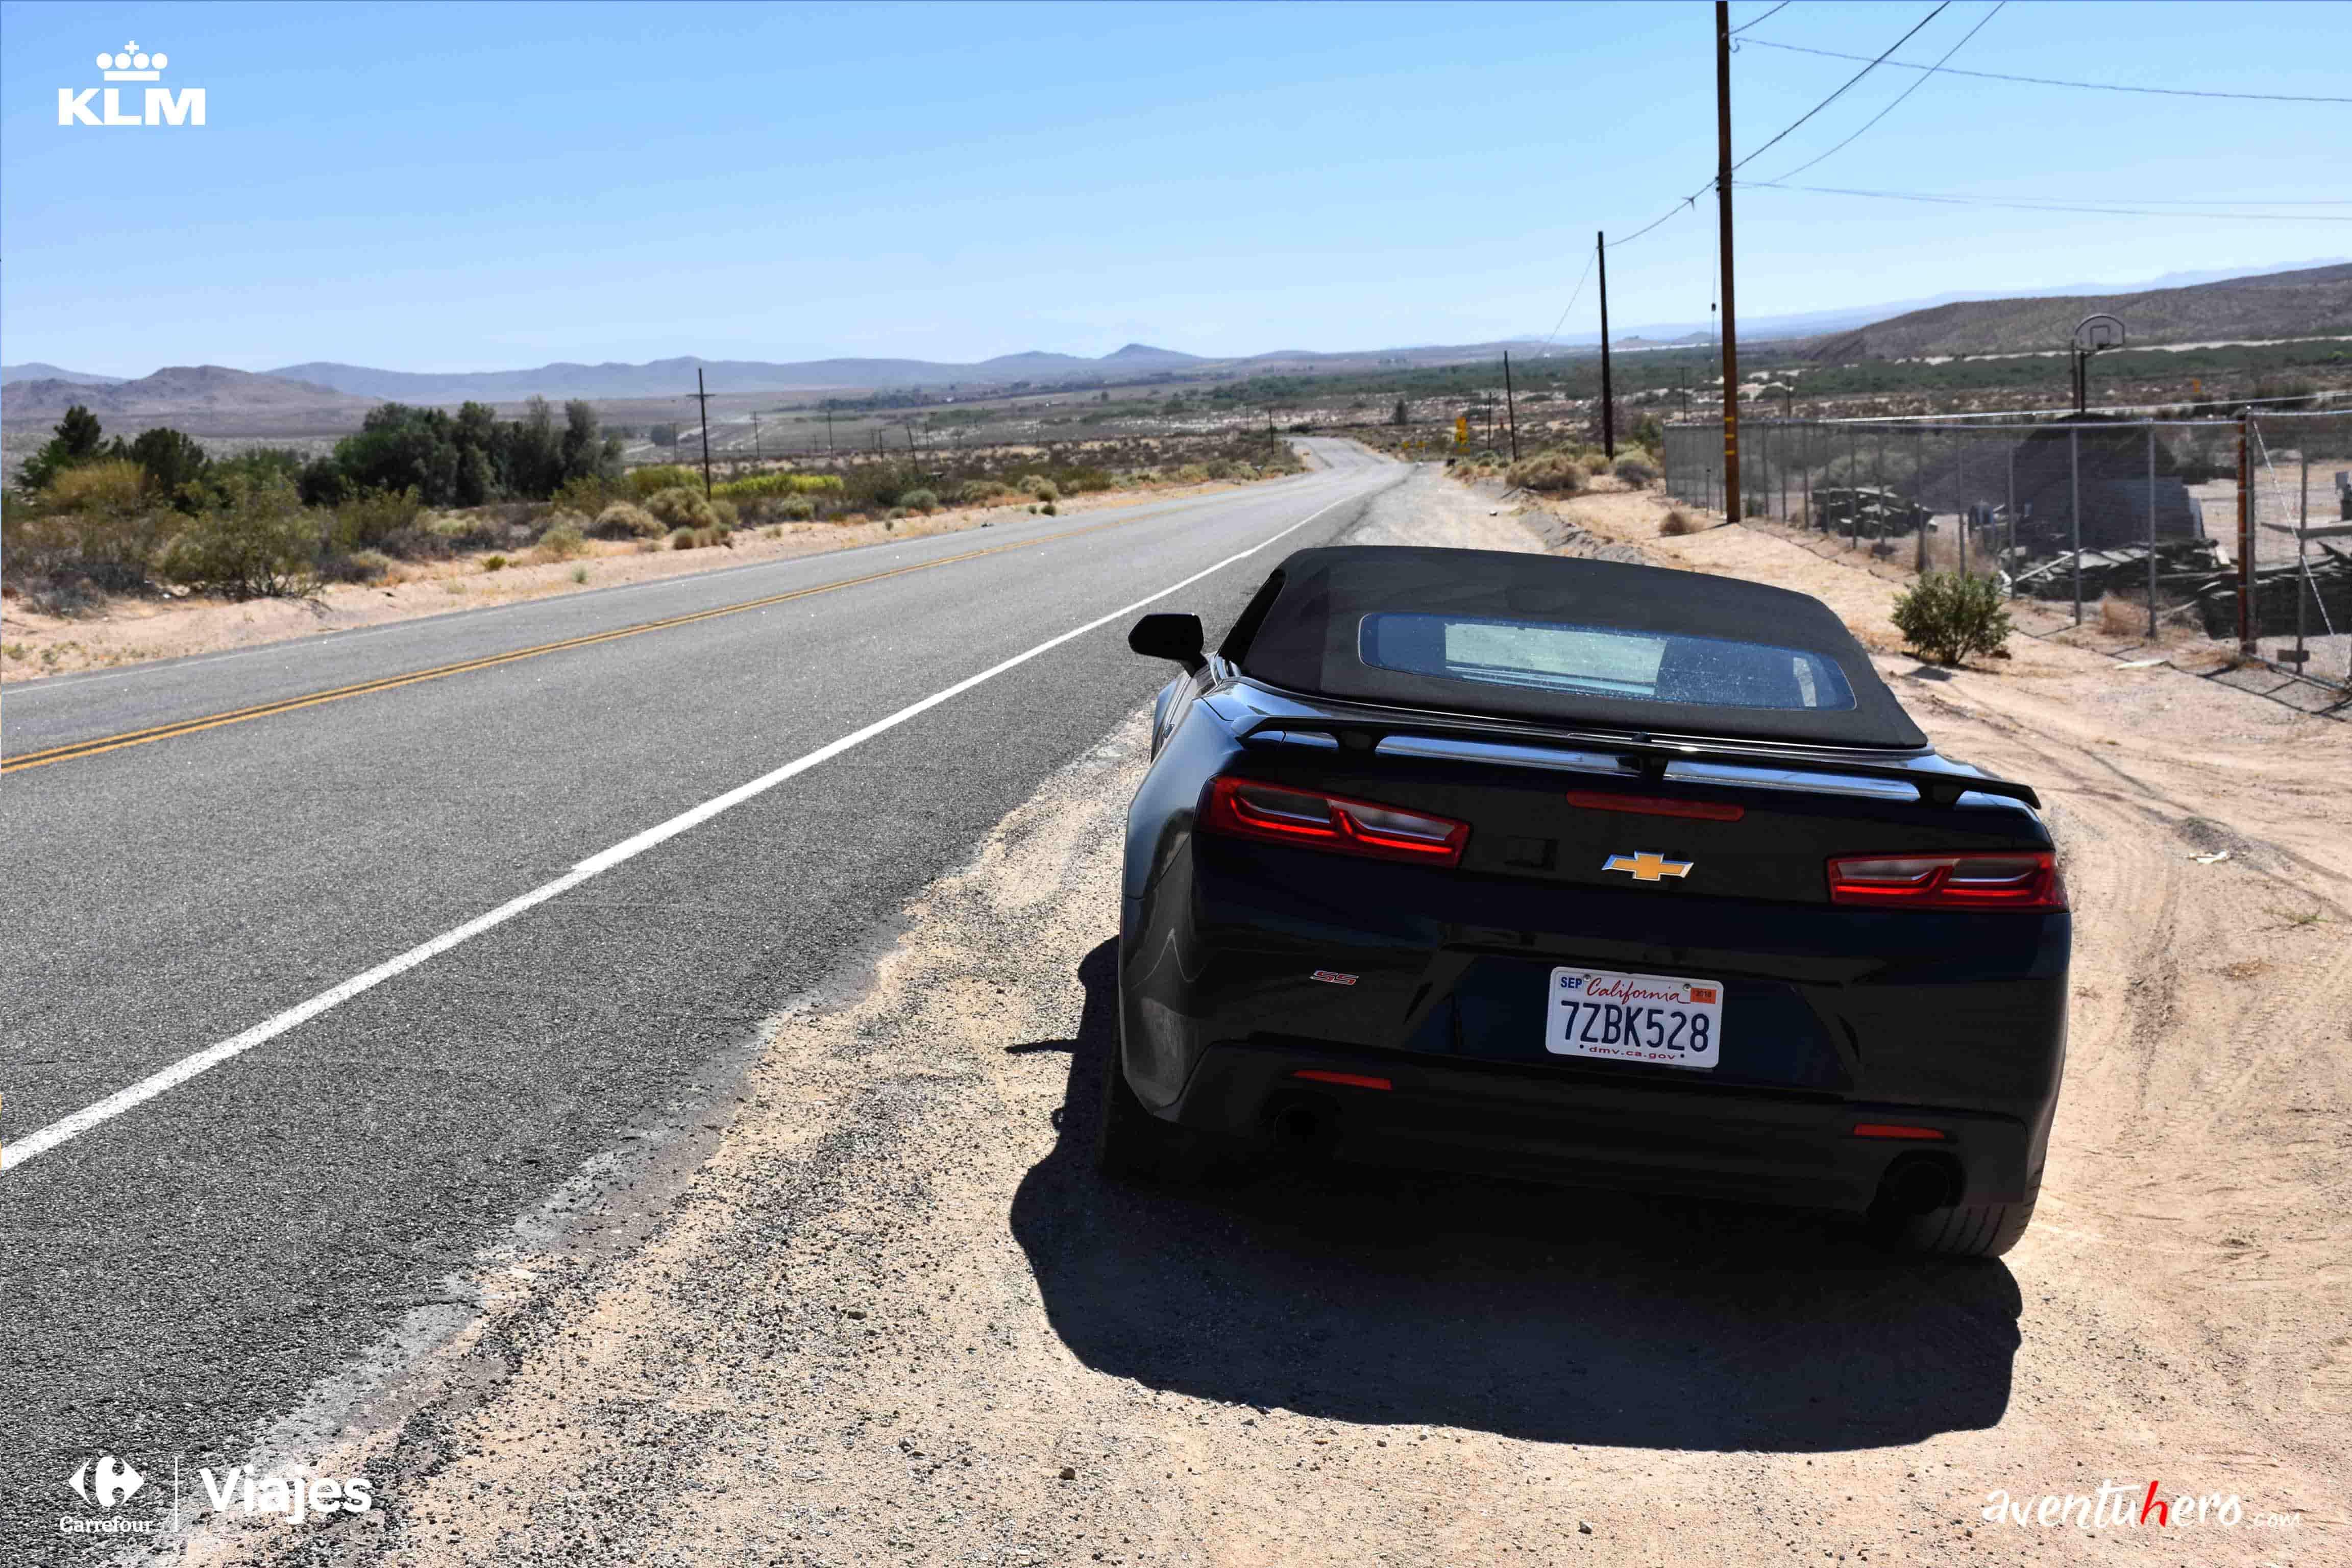 coche aparcado ruta 66